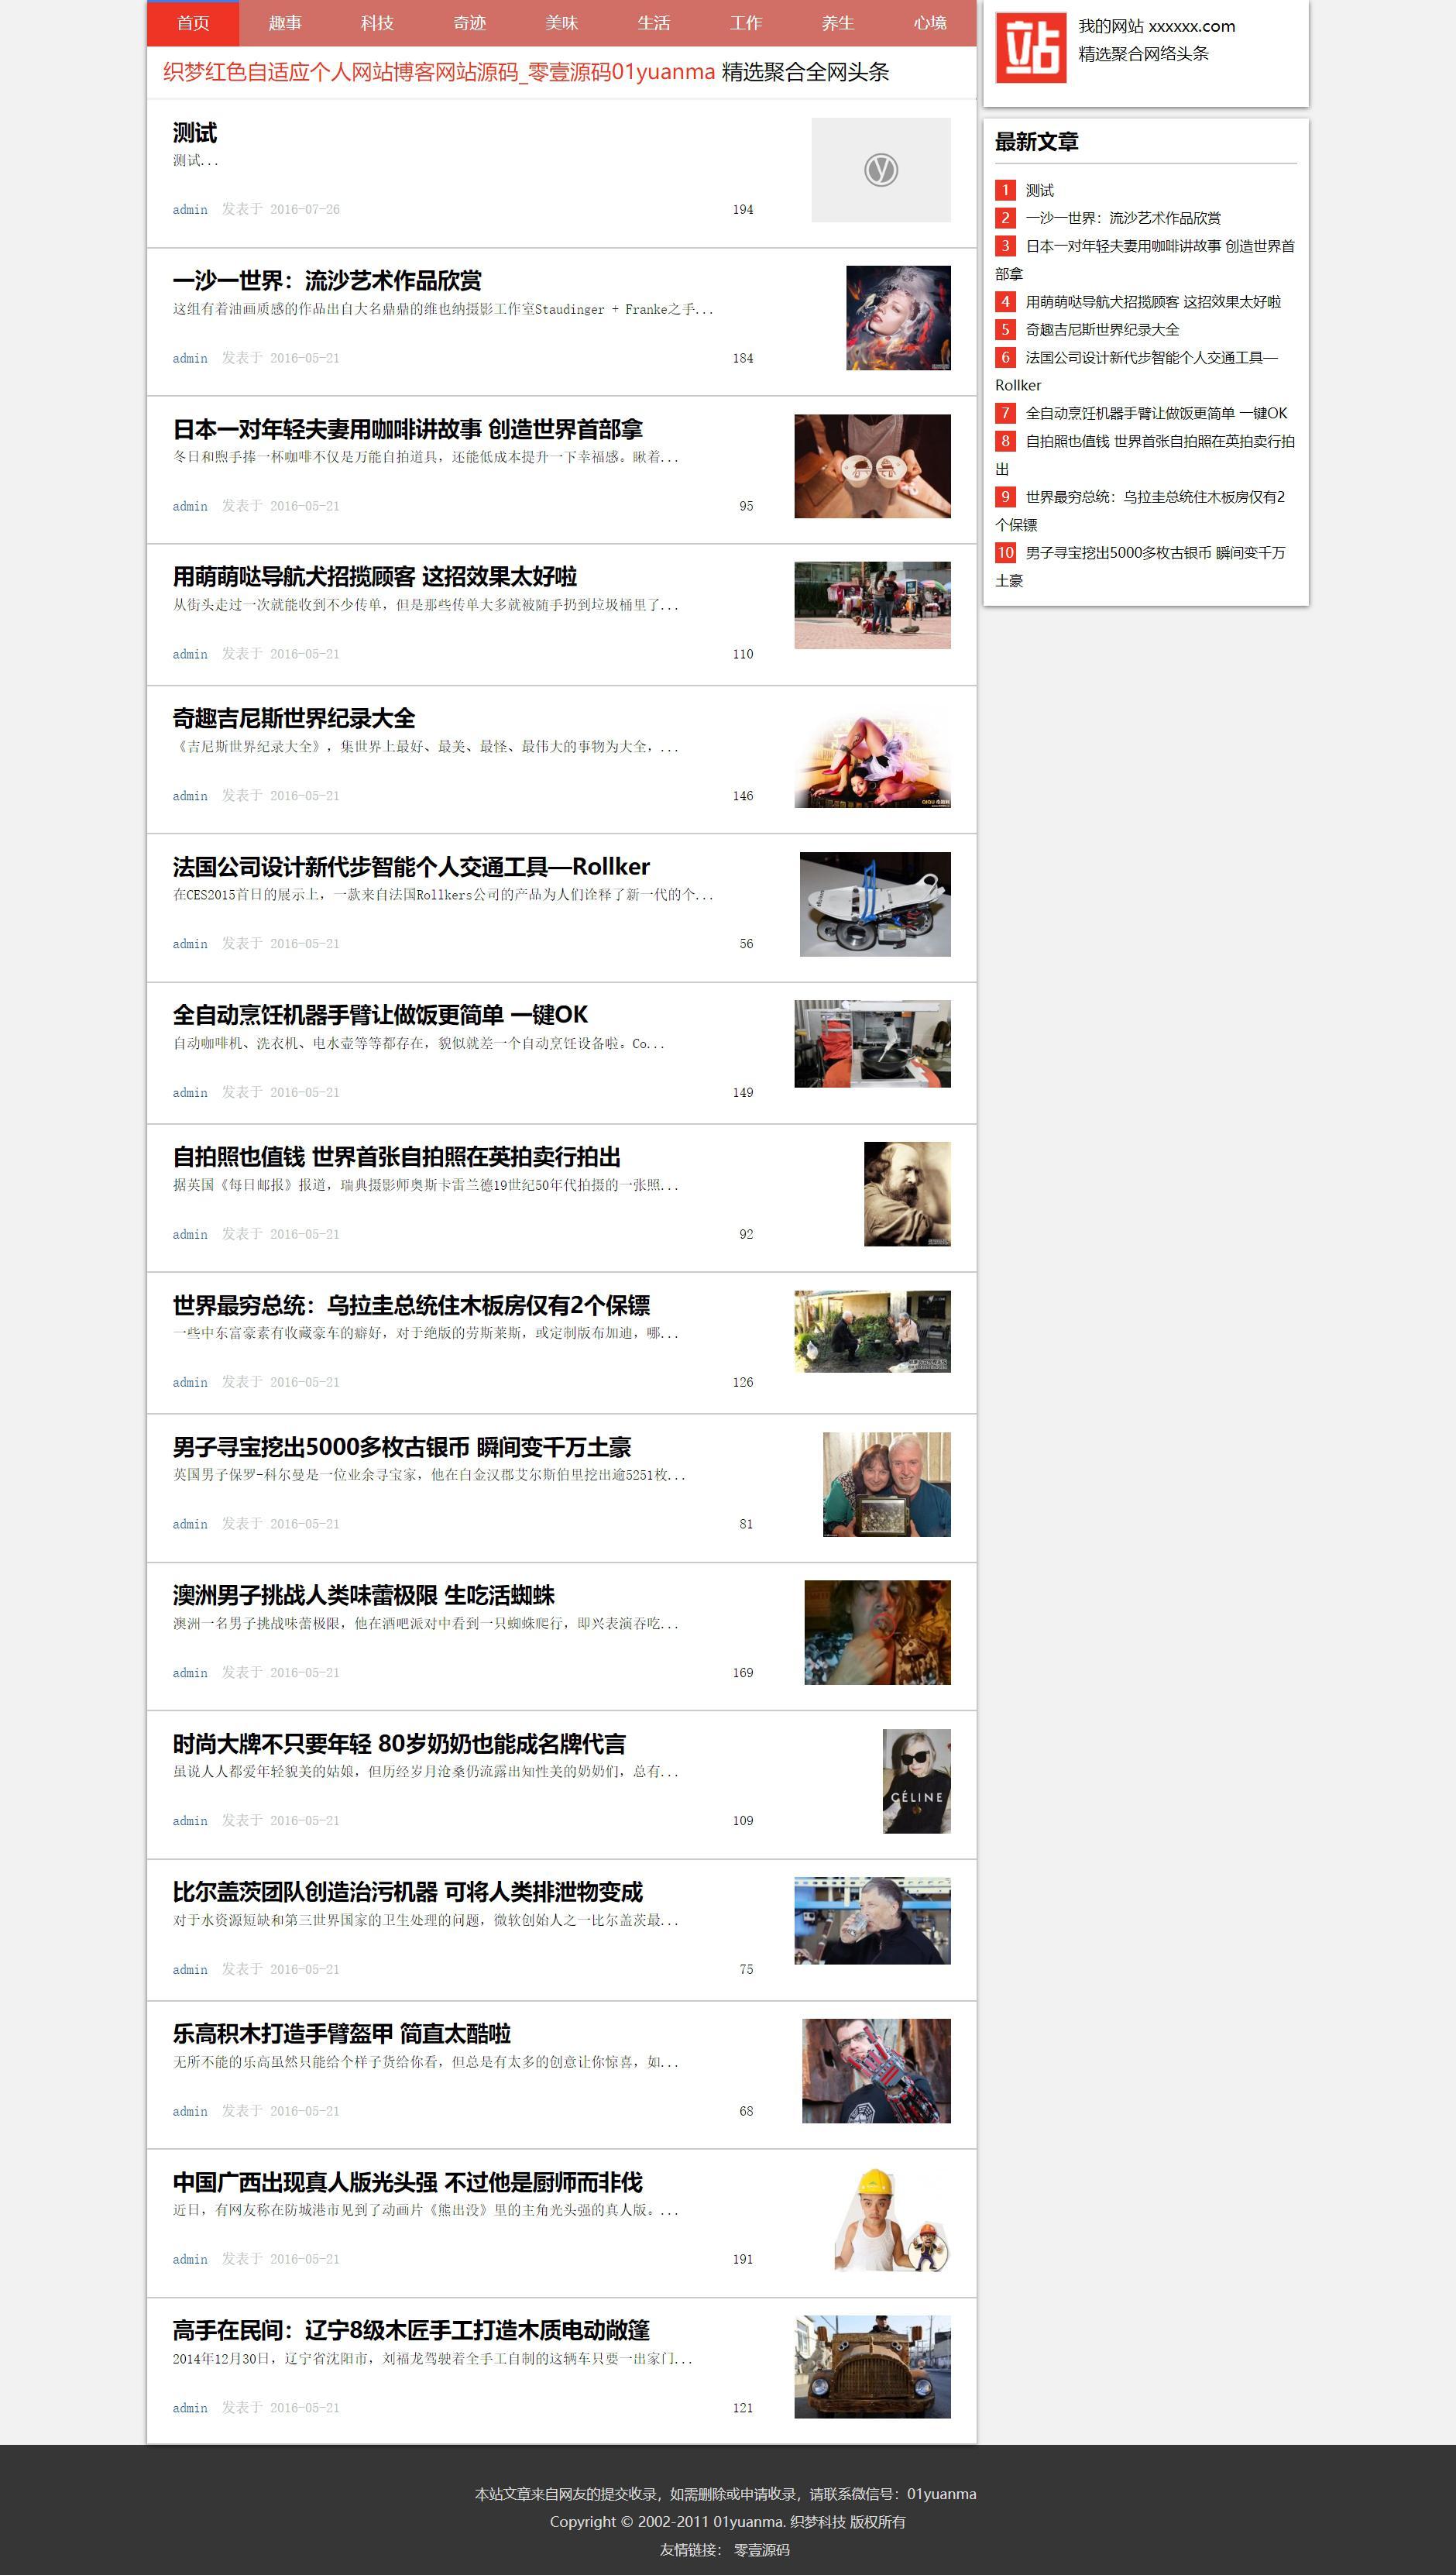 织梦dedecms文章新闻博客类网站源码模板自适应手机移动设备